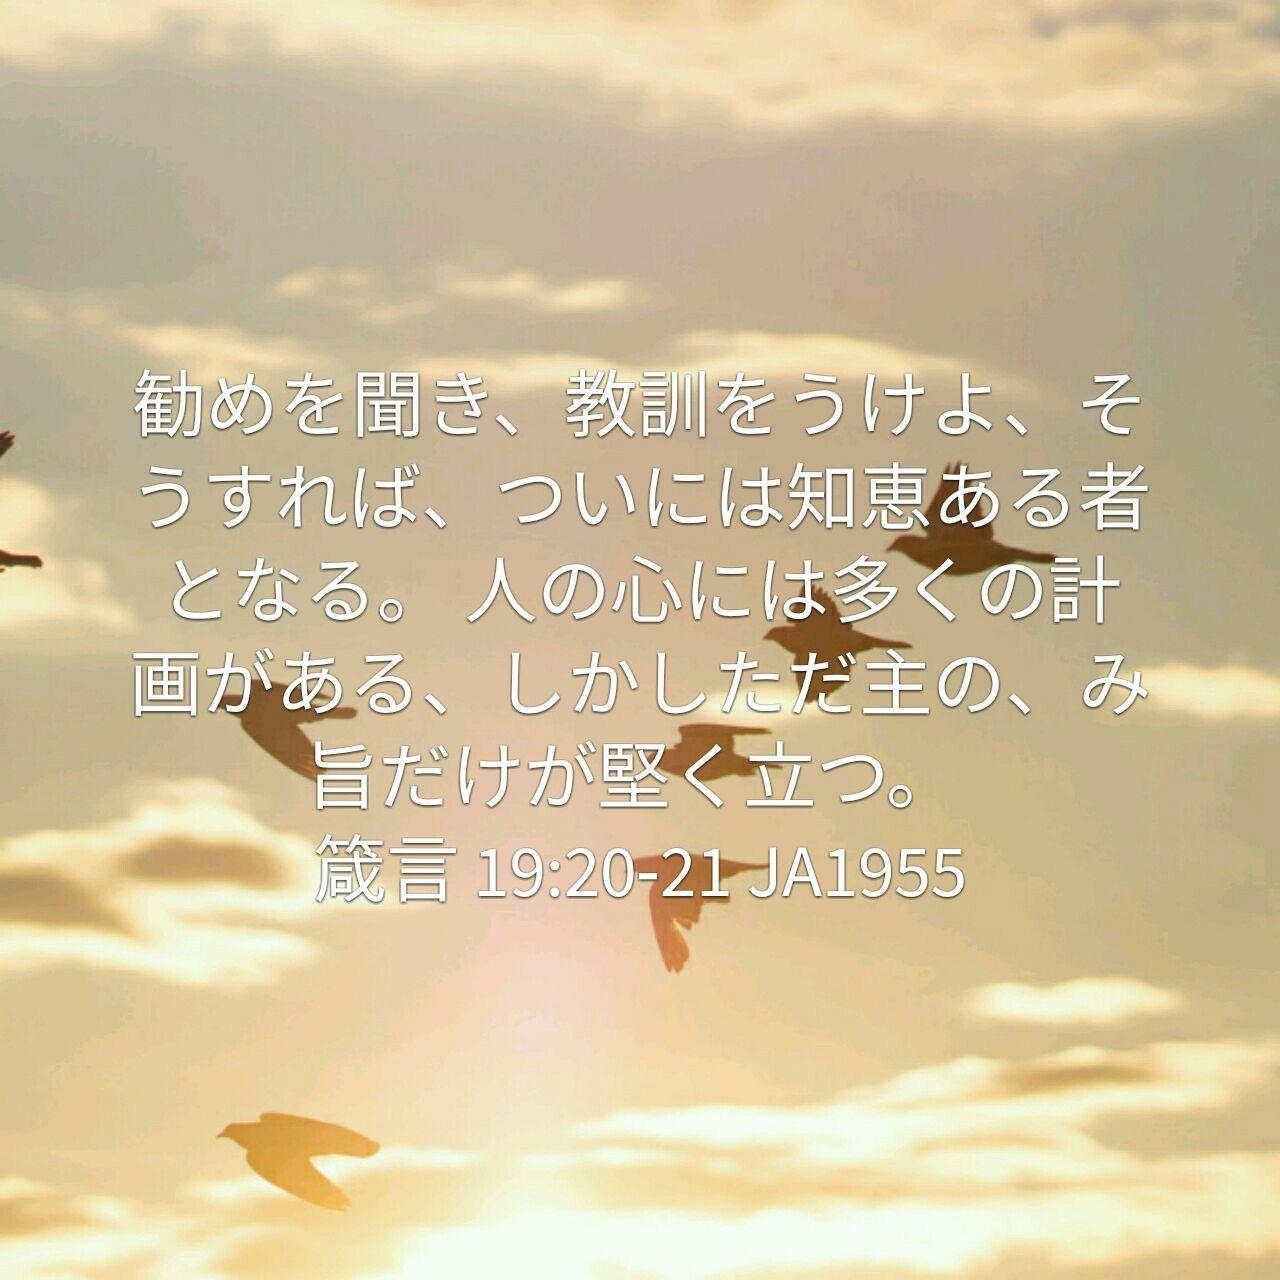 ☆こんばんは(^^;;